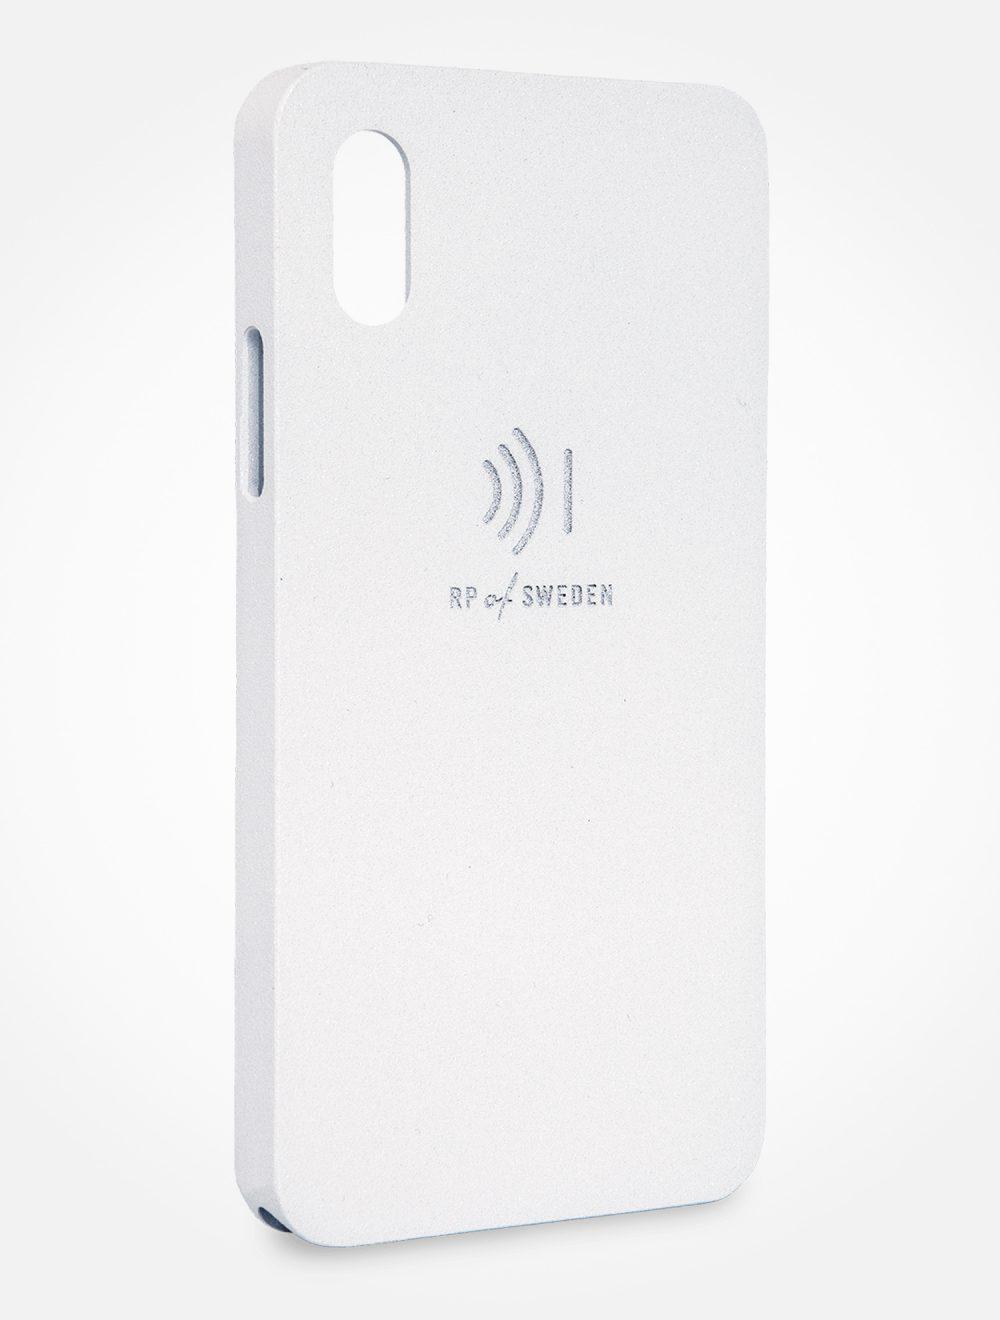 Strålningsskyddande mobilskal, ice aluminium, från RP of Sweden